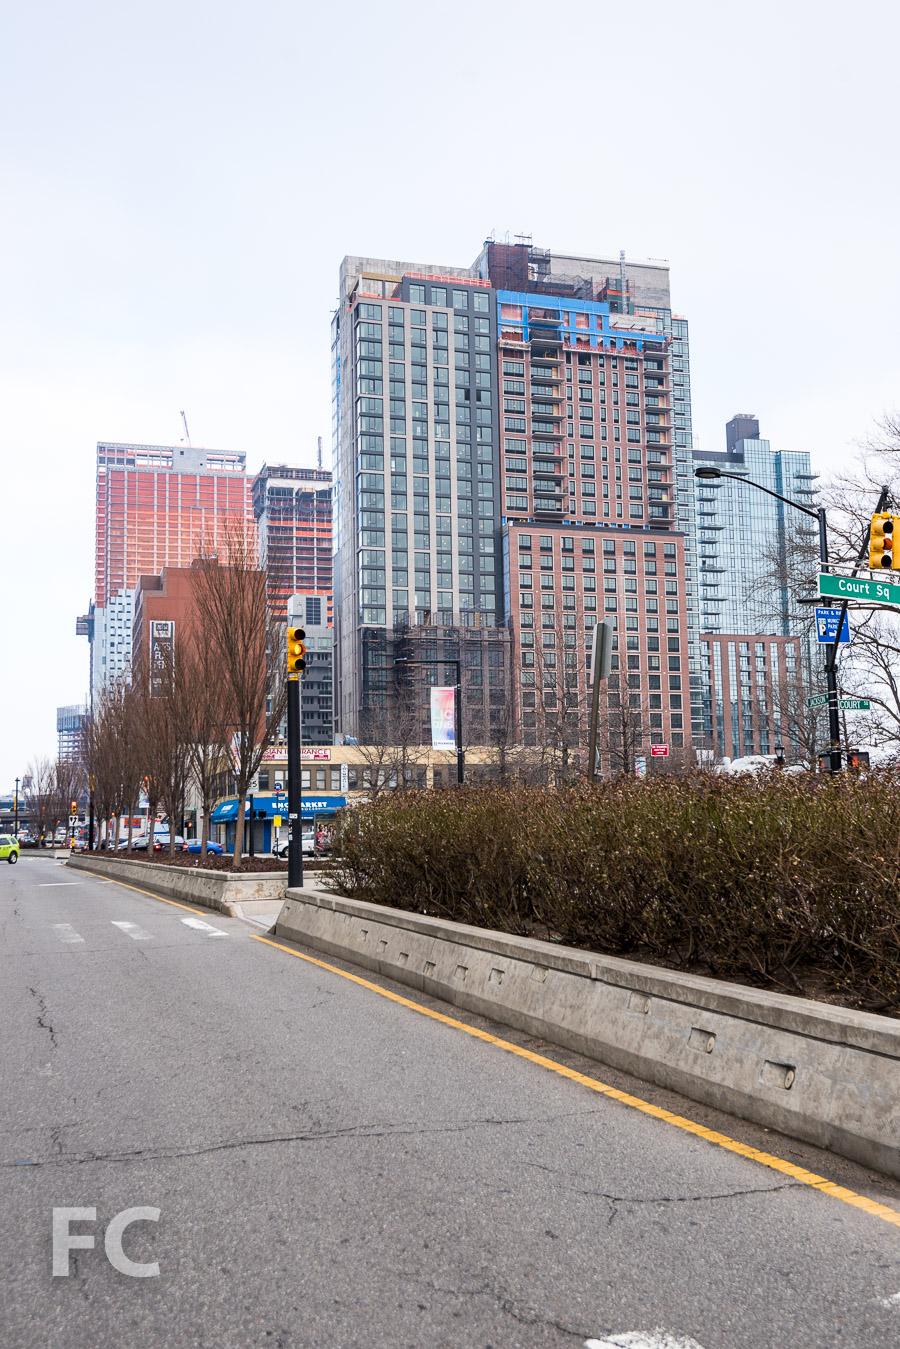 Looking east along Jackson Avenue.